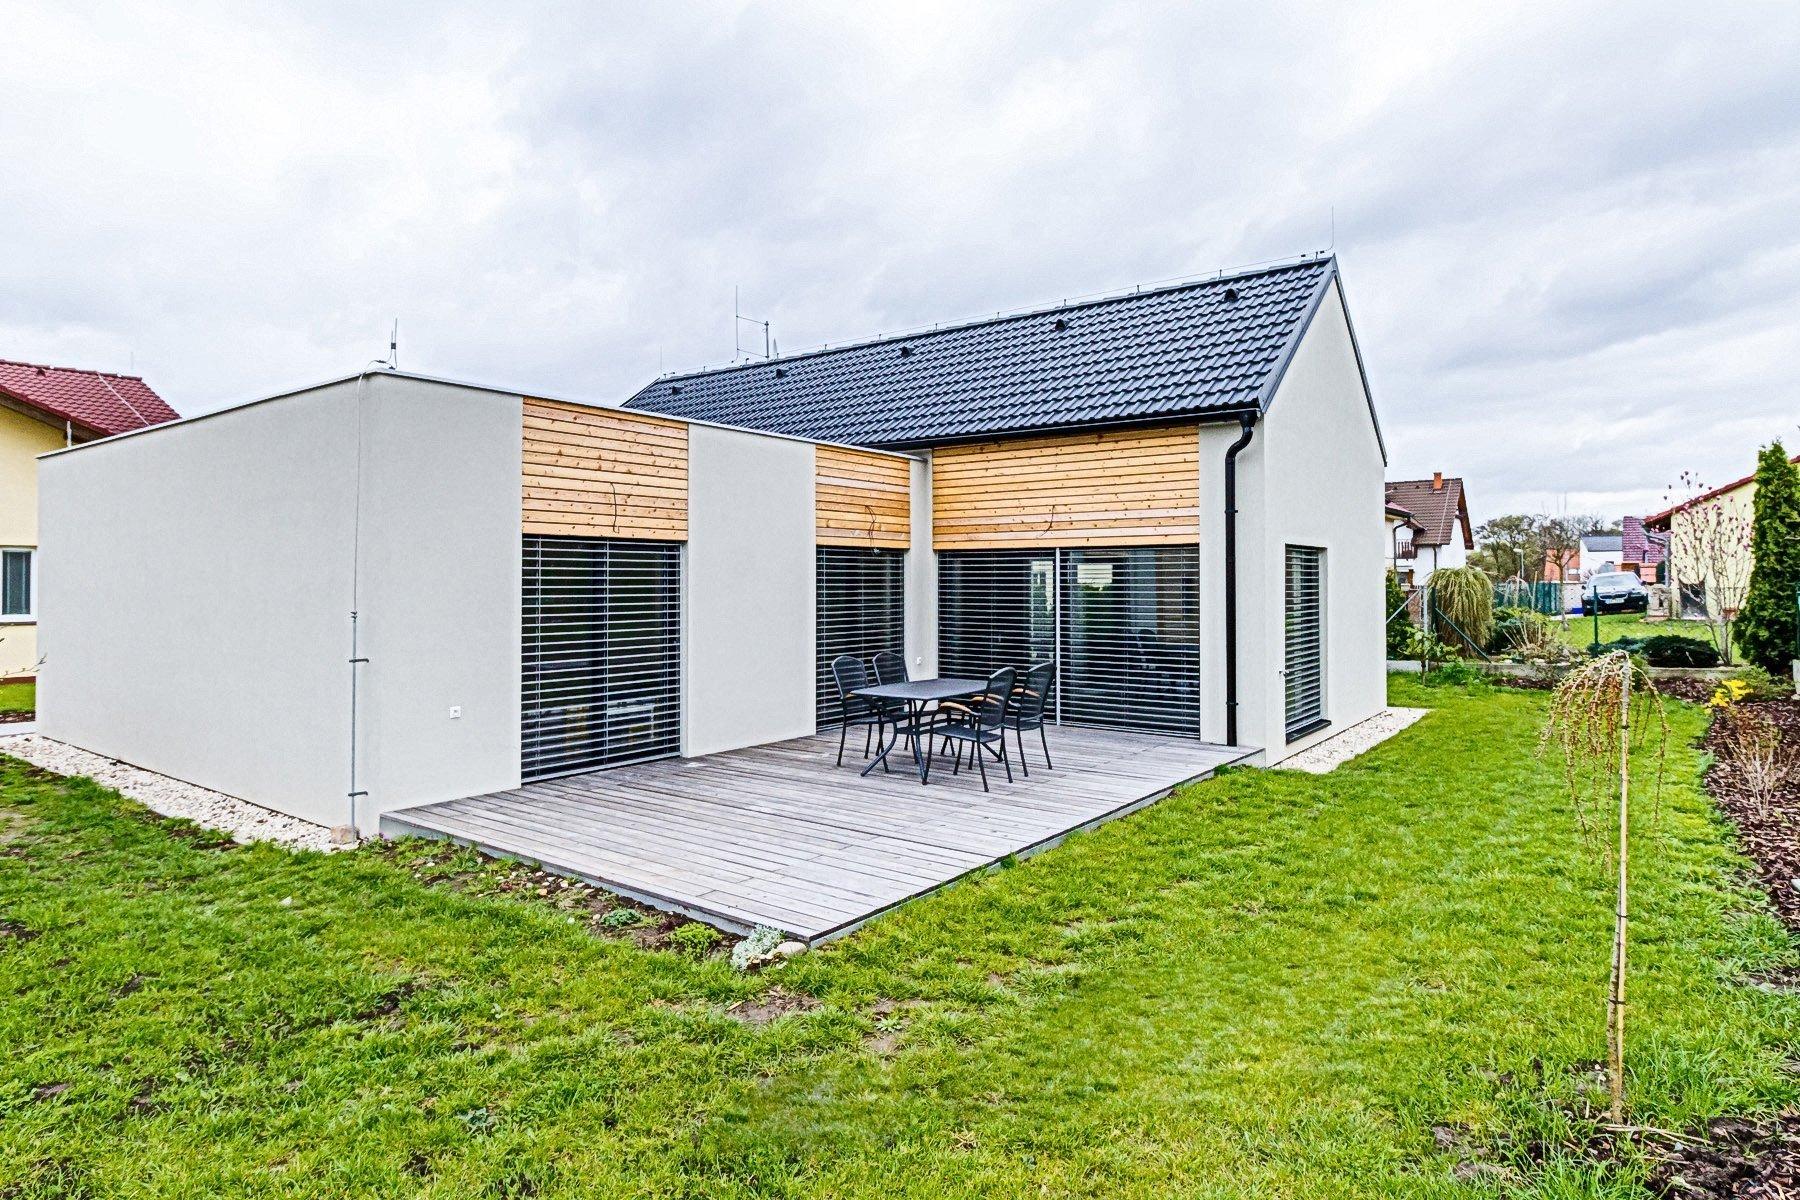 Rodinný dům v Květnici - individuální návrh a realizace. Dům byl koncipován pro čtyřčlennou rodinu s přáním využít prostoru pod sedlovou střechou (místní…